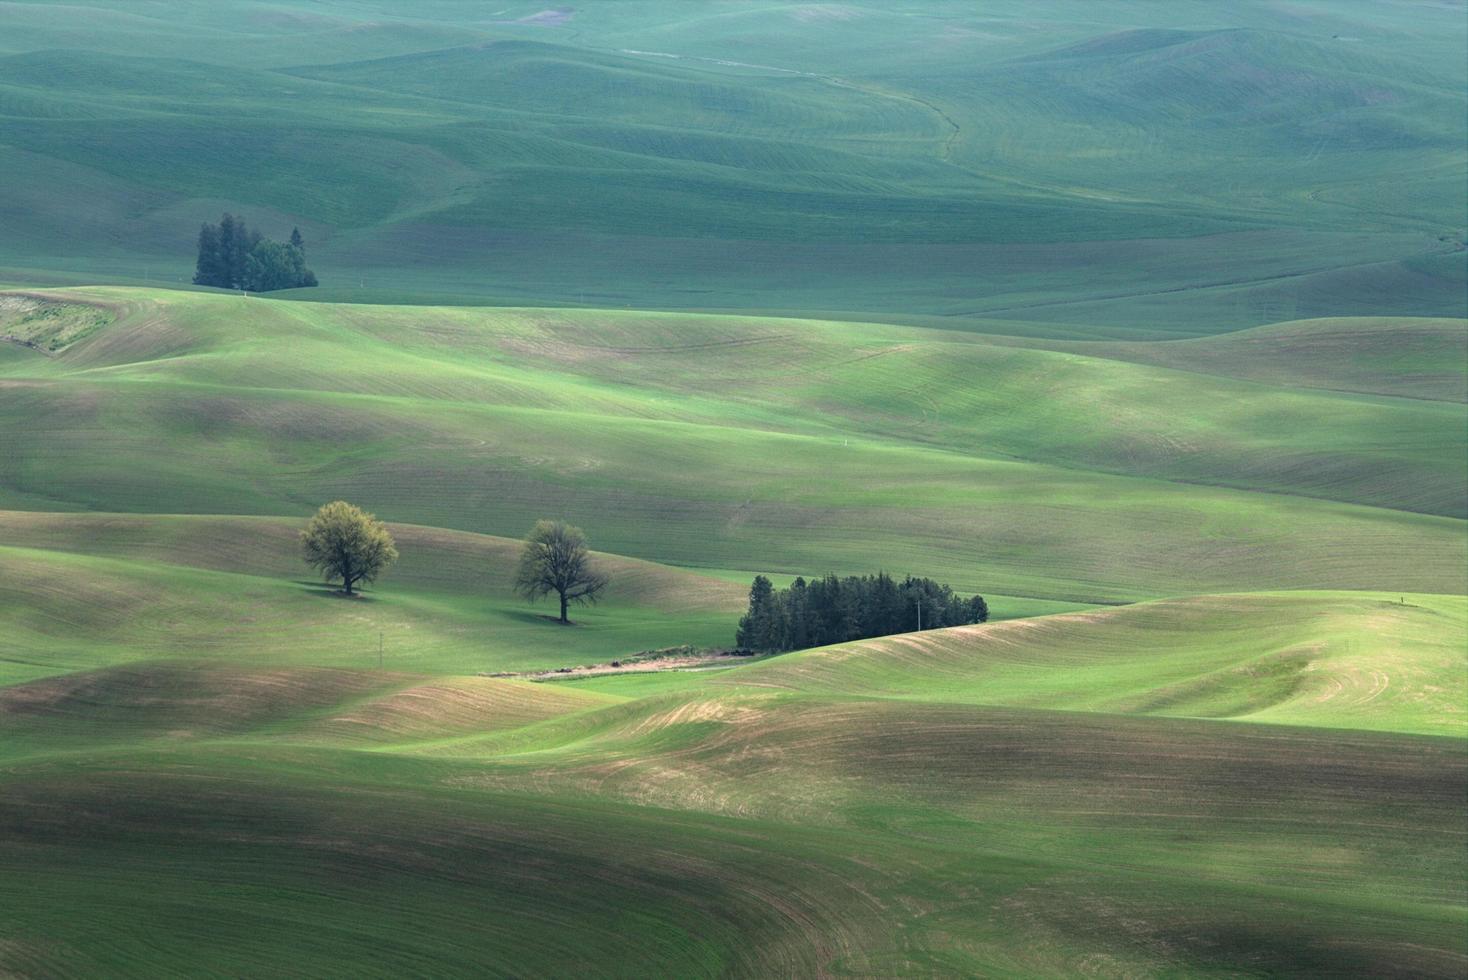 Foto der grünen Wiese